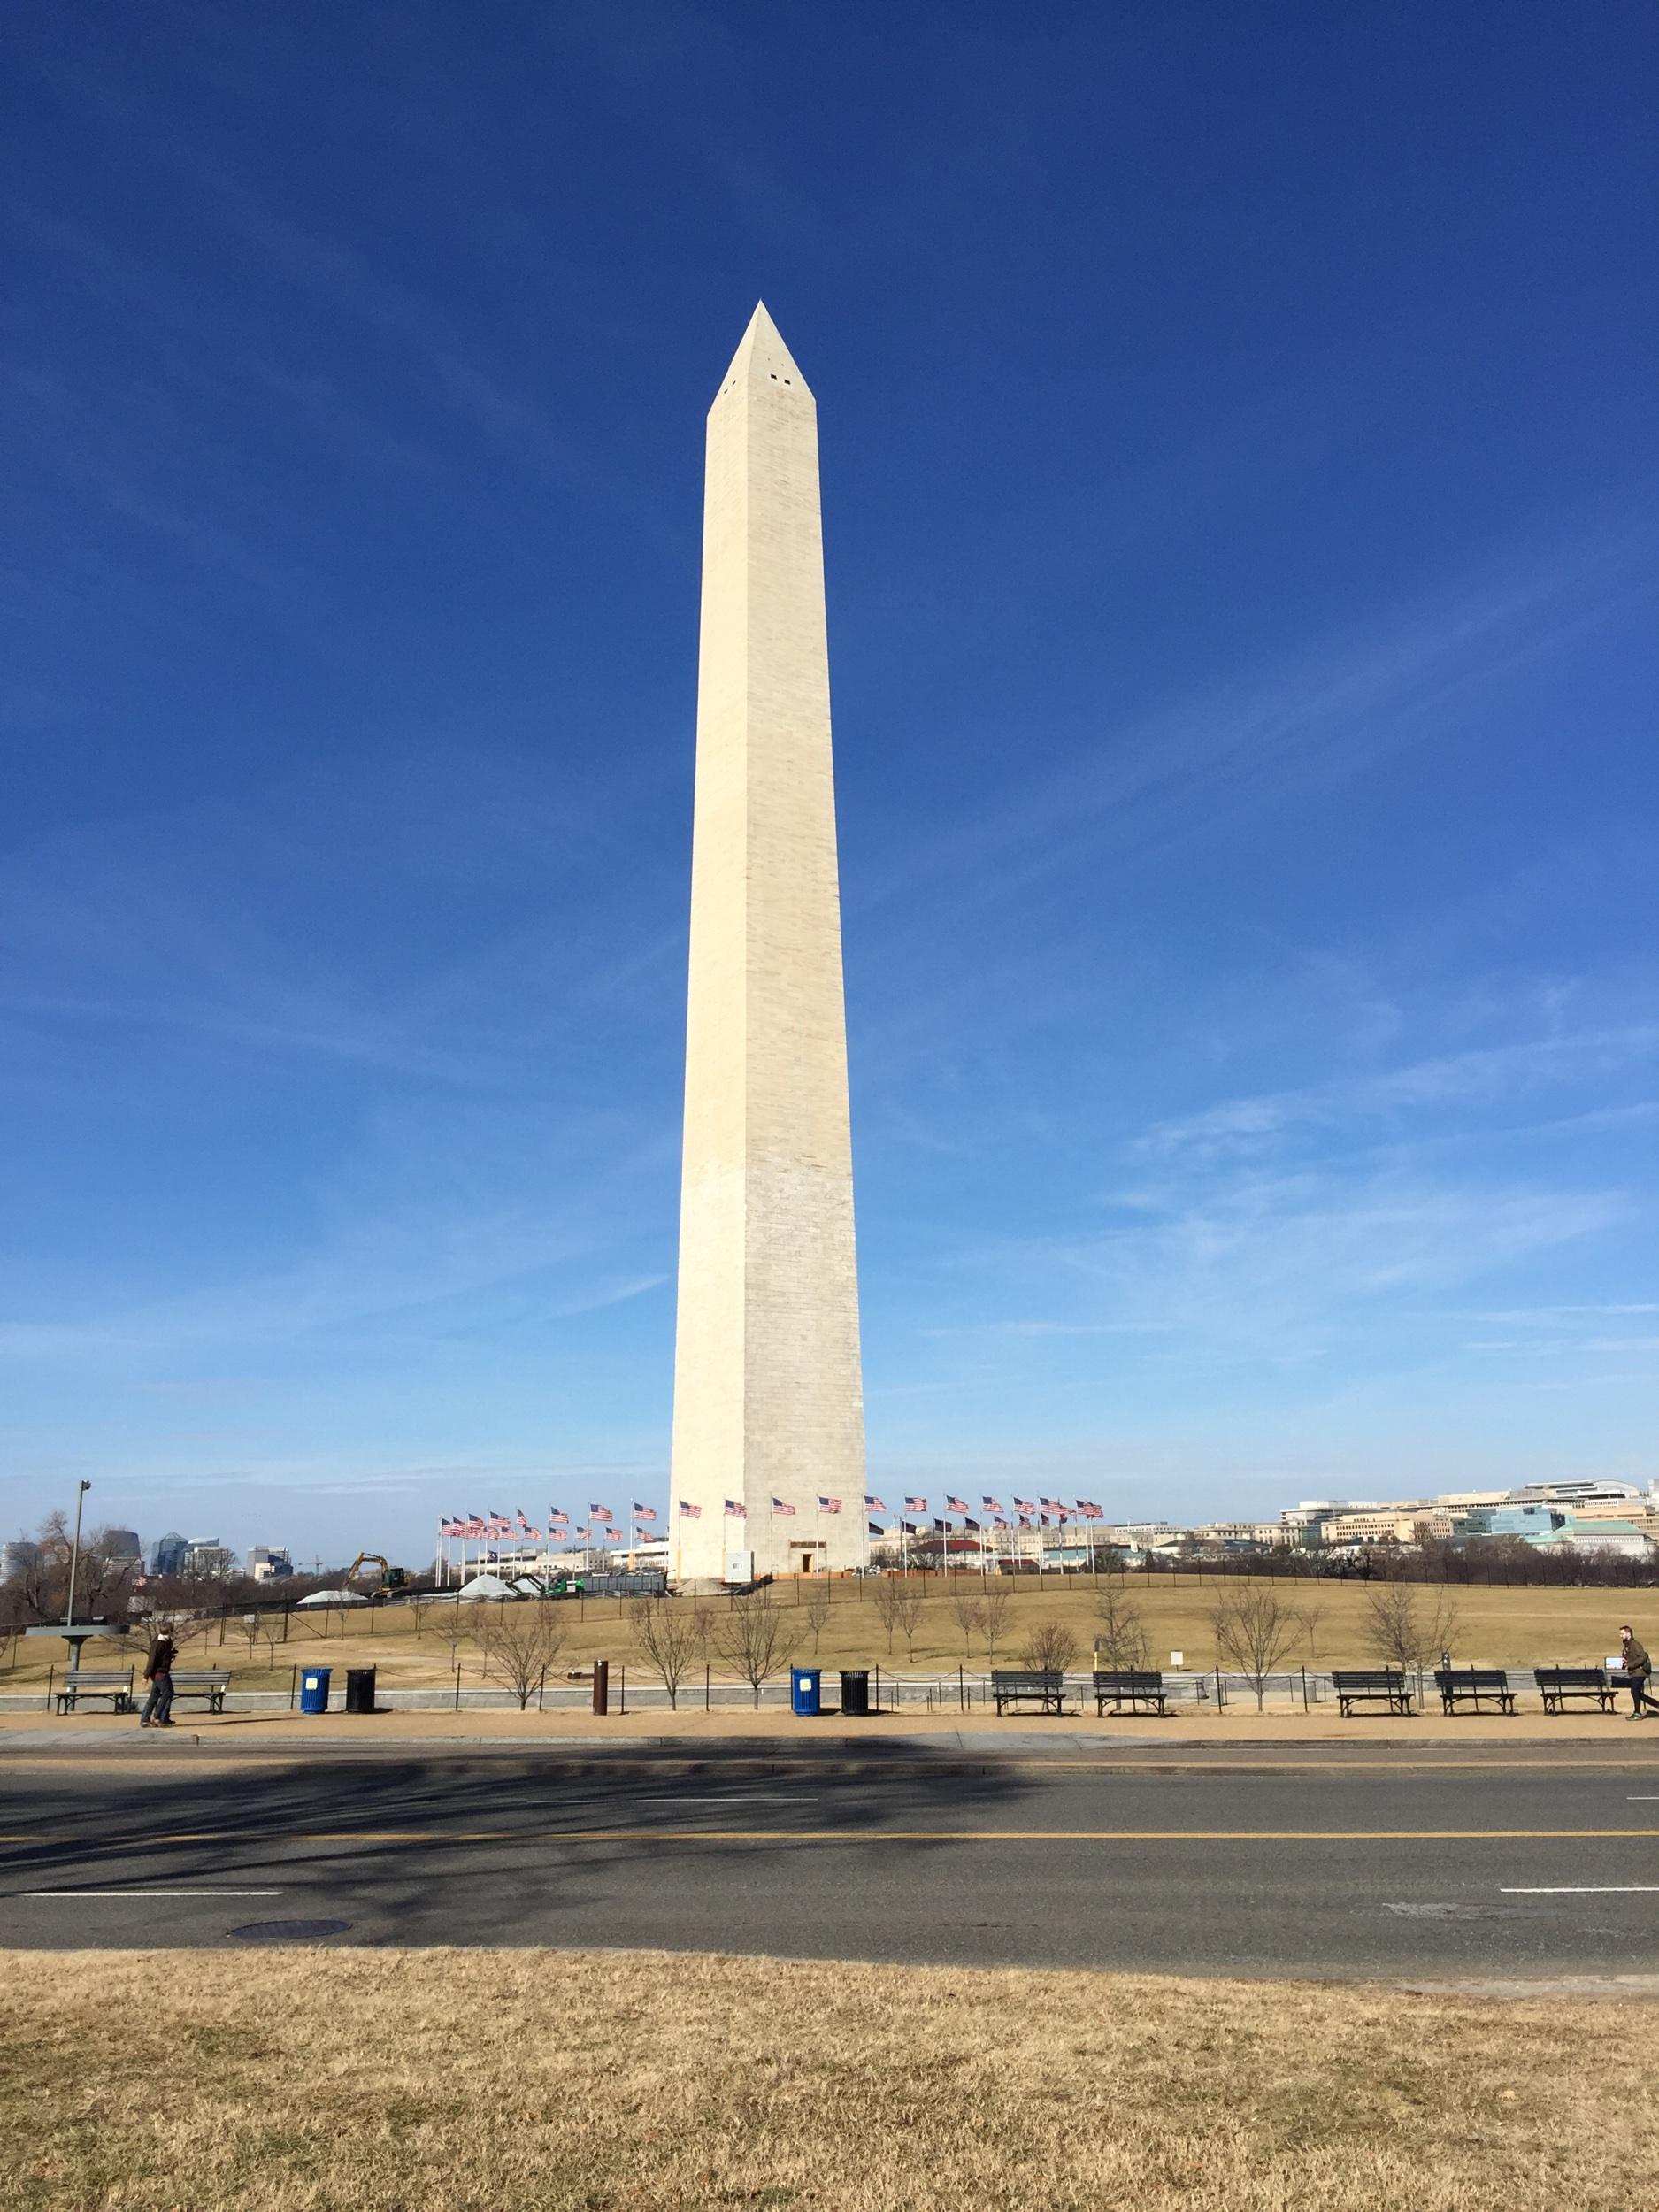 Podcast: Washington, DC